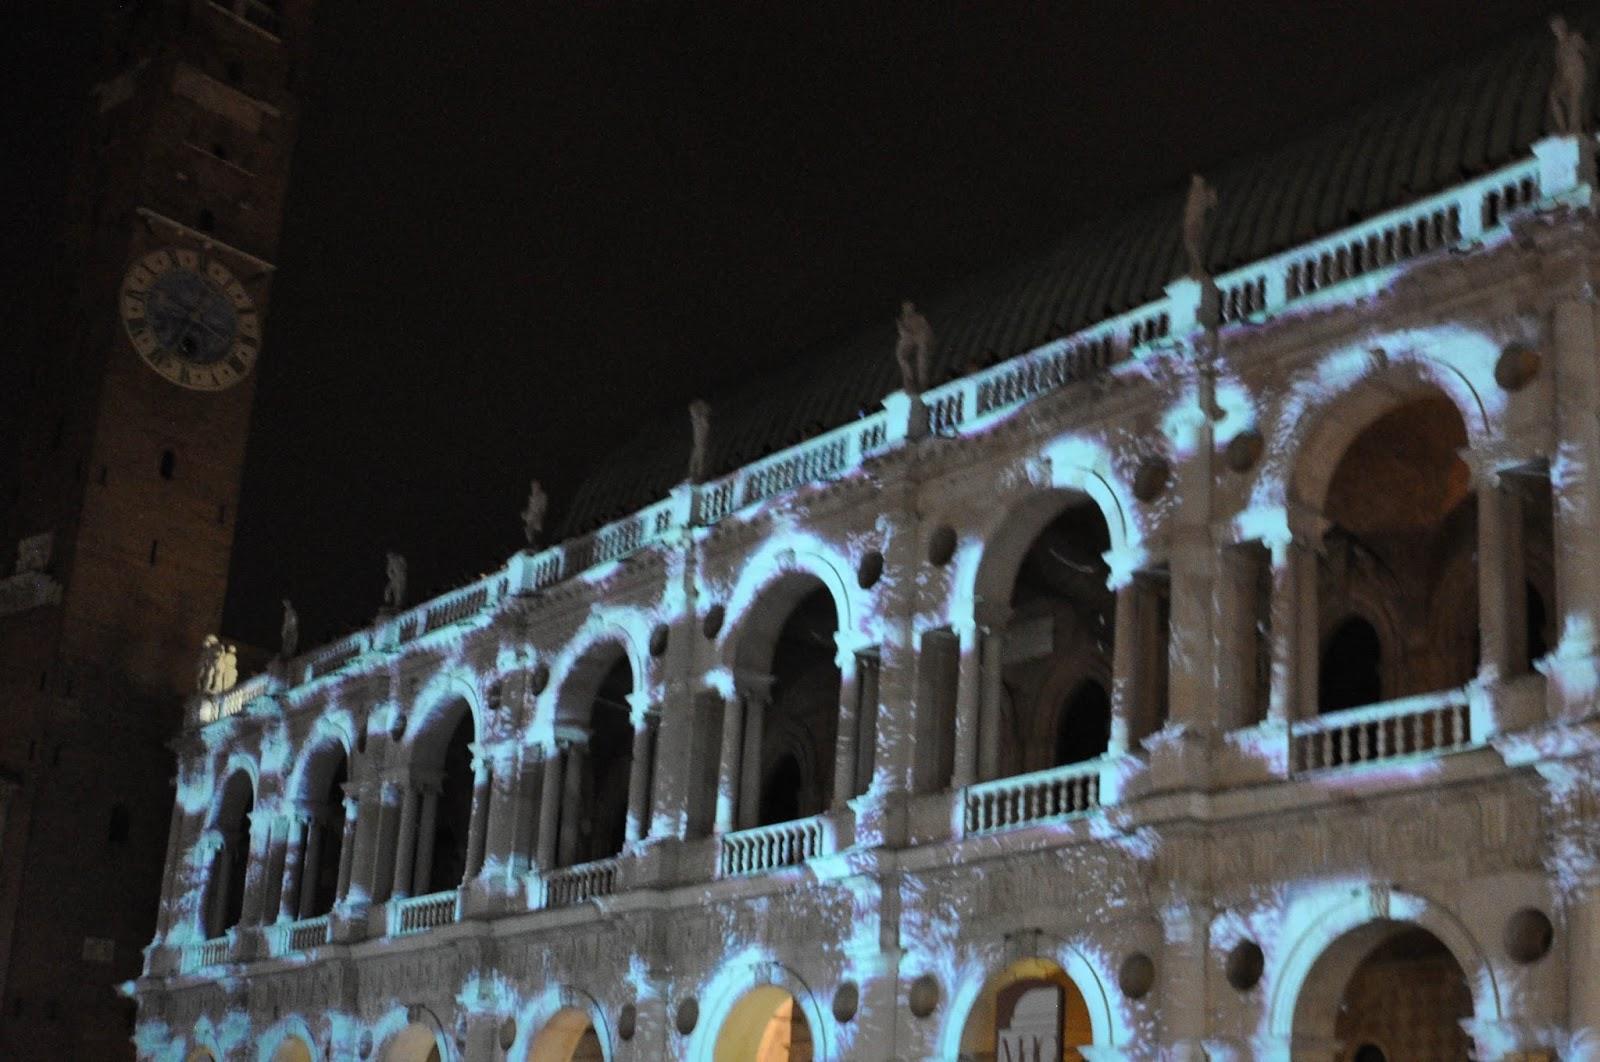 Lightshow, Palladio's Basilica, Vicenza, Italy